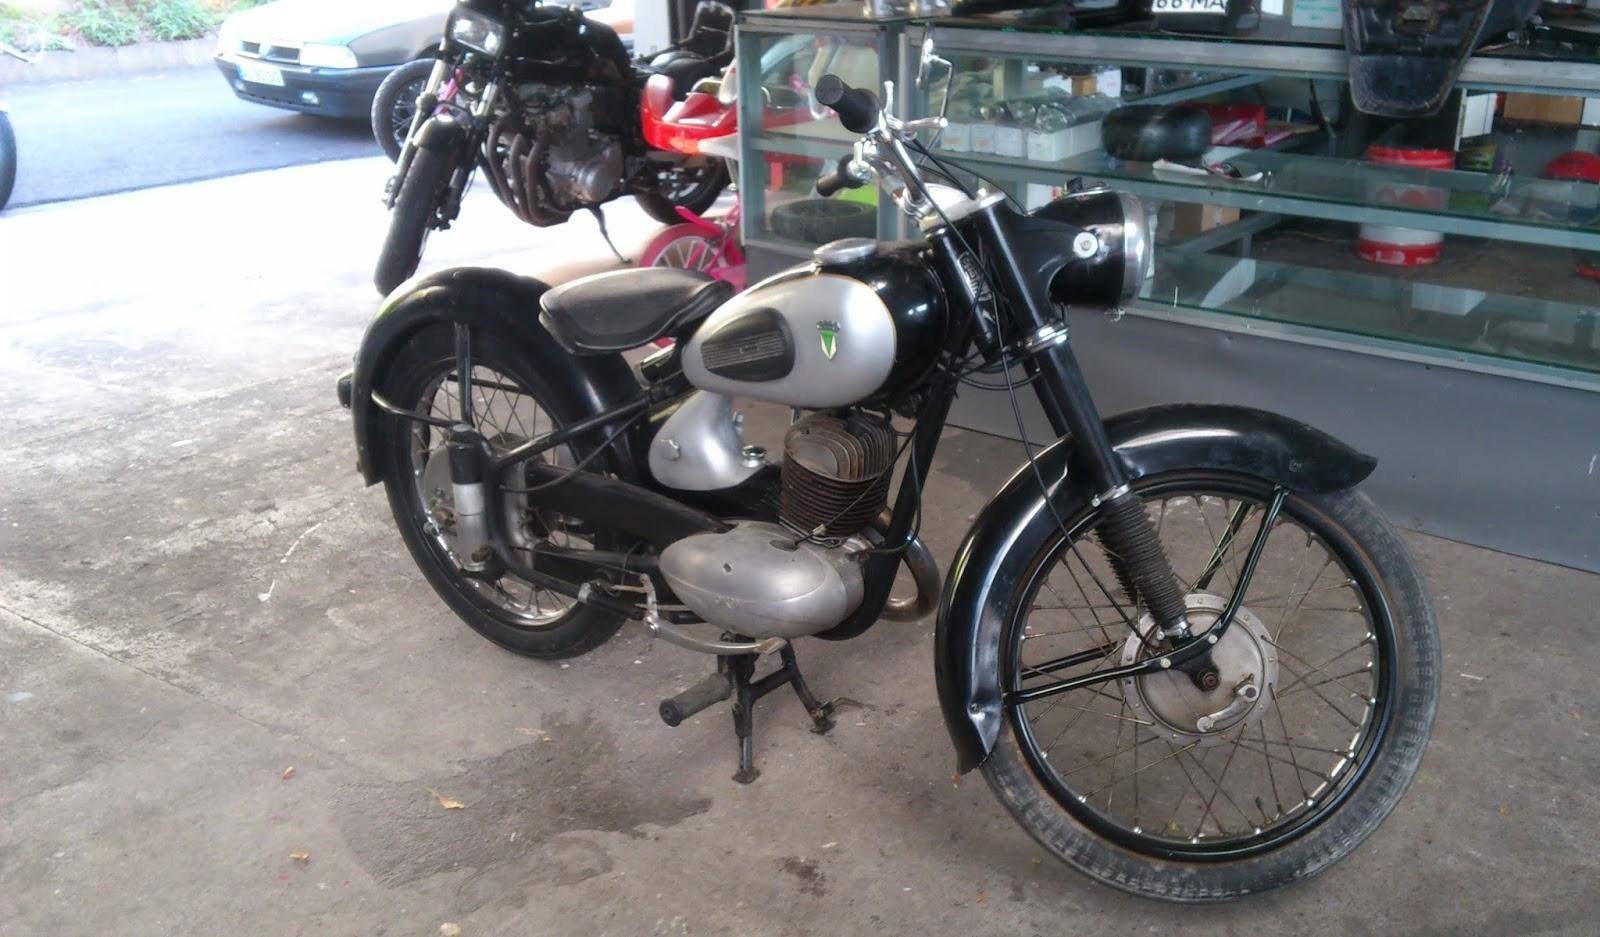 motosport oficina especializada em motos restauro auto union dkw rt 175cc 1955. Black Bedroom Furniture Sets. Home Design Ideas